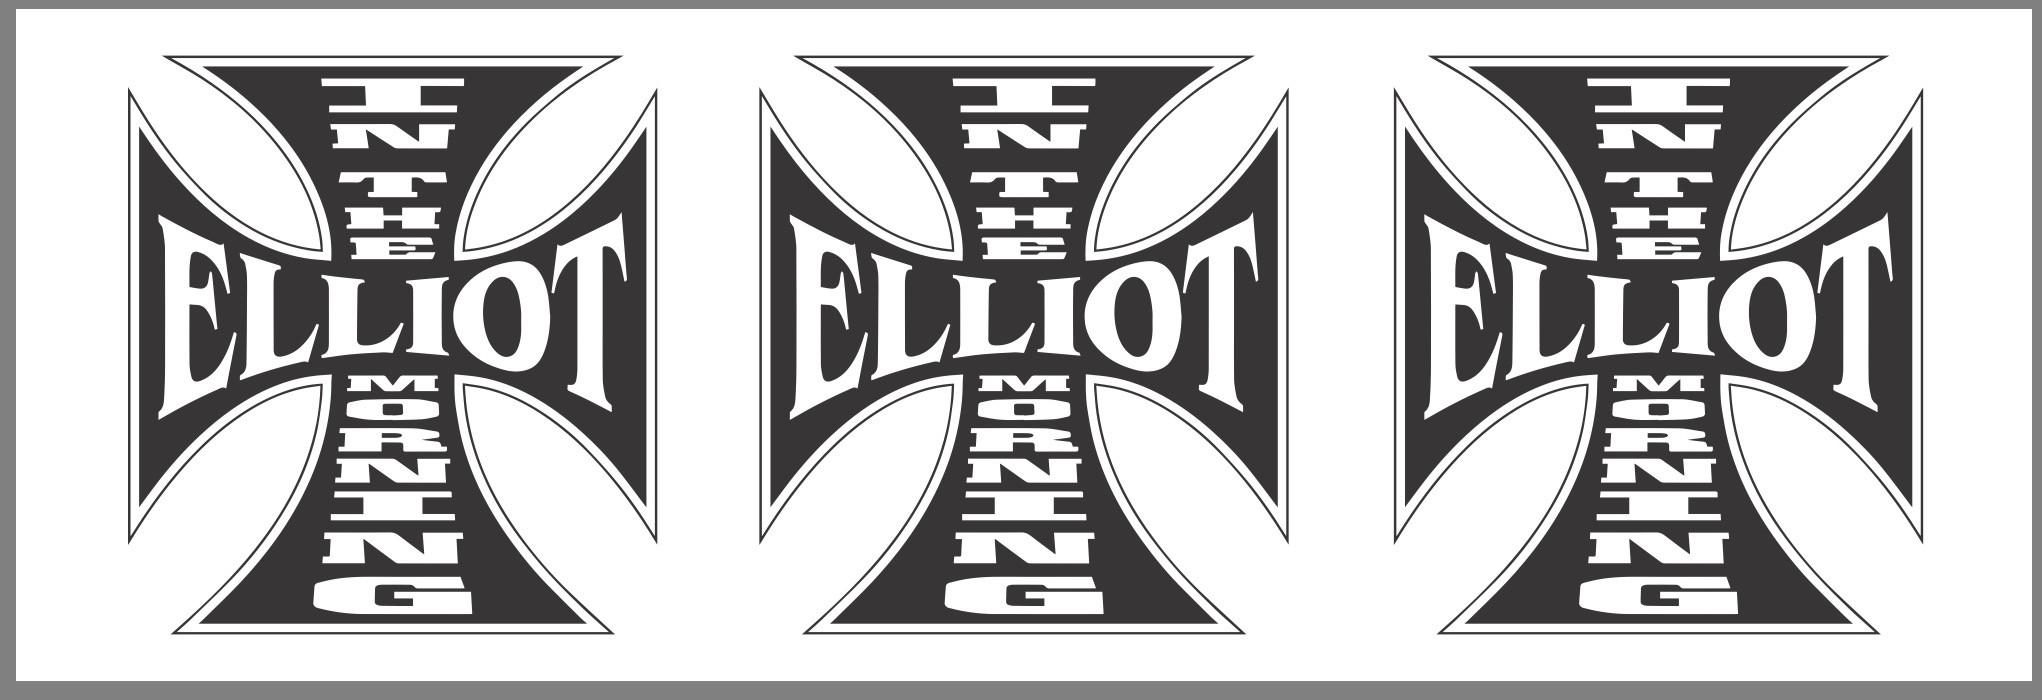 elliot.jpg